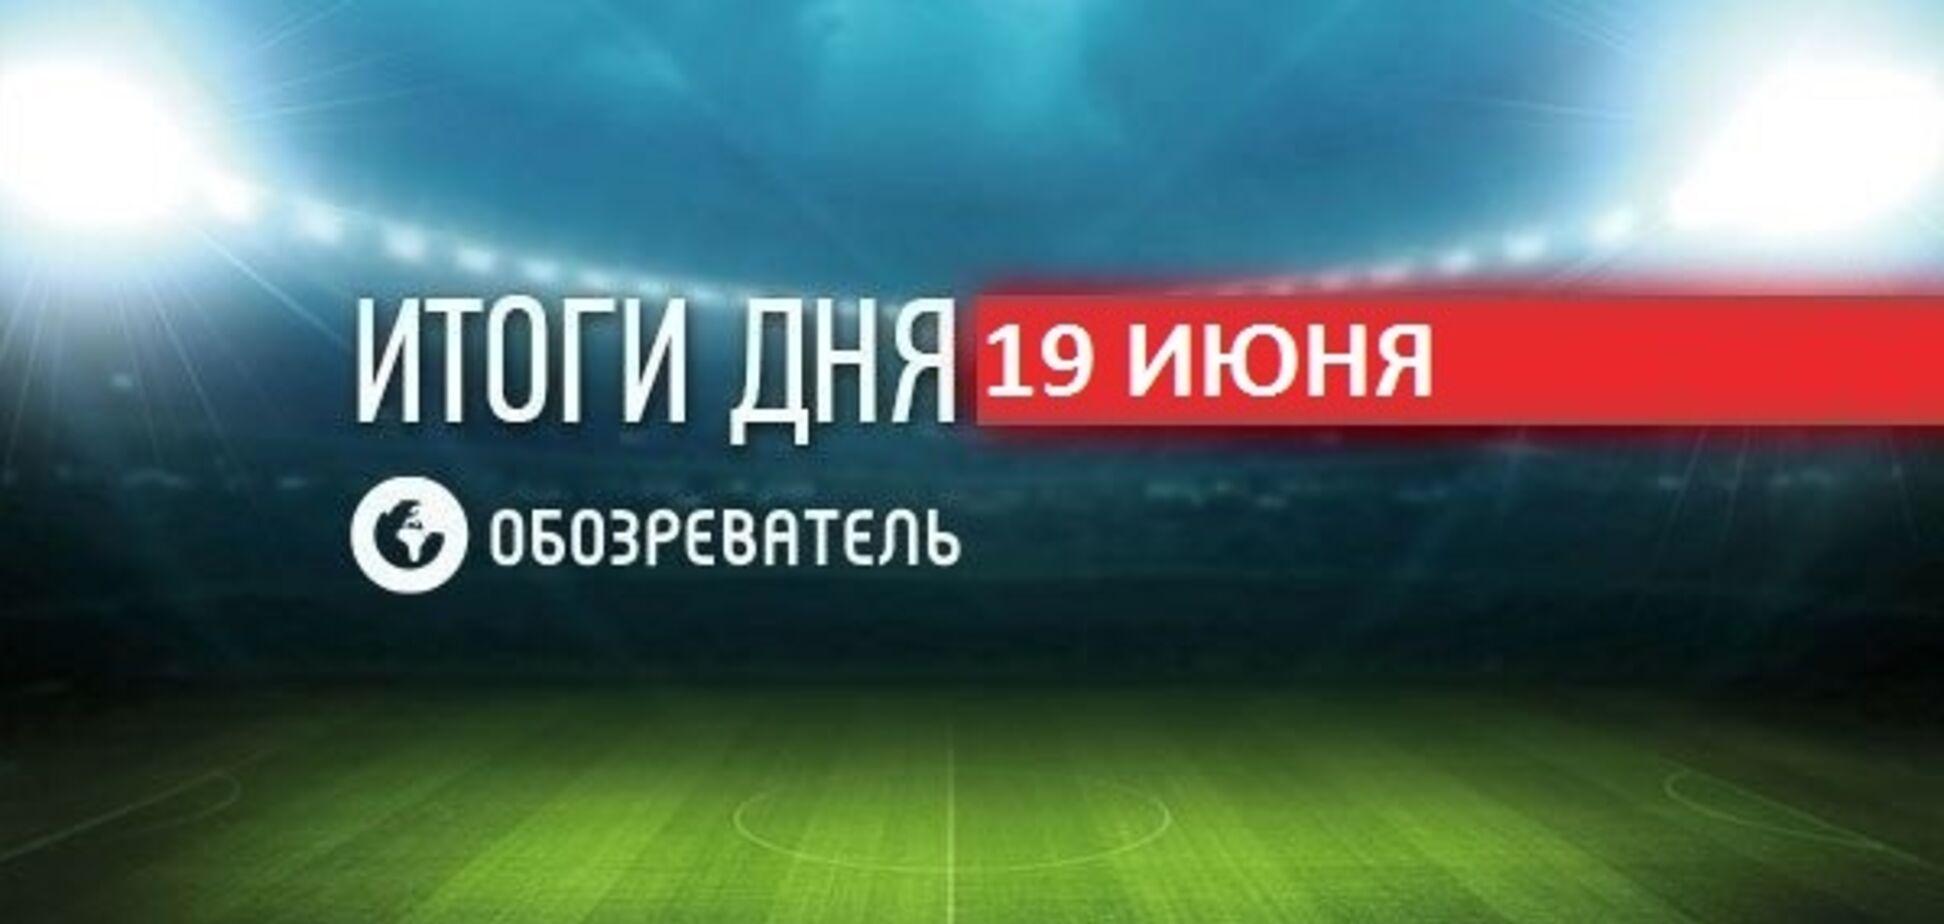 Футболист сборной Украины вызвал ярость в сети: спортивные итоги 19 июня